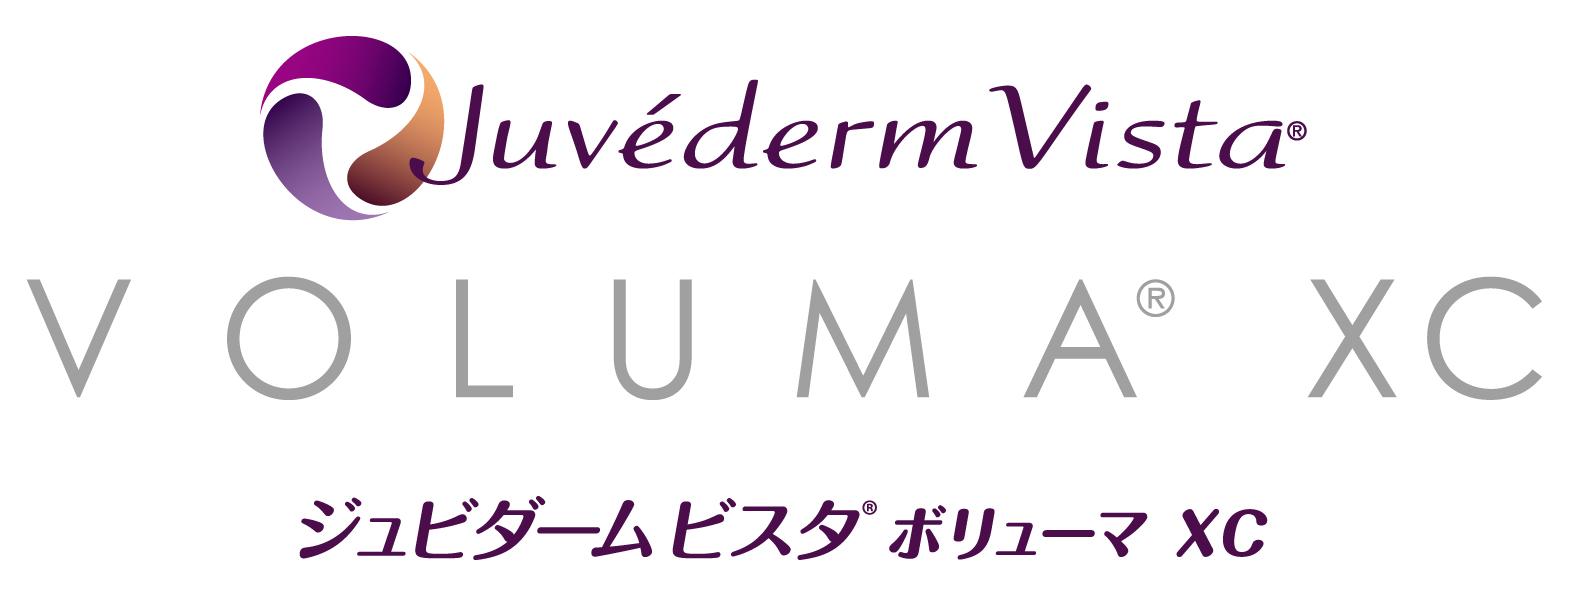 160329_juverderm_voluma_xc_ej